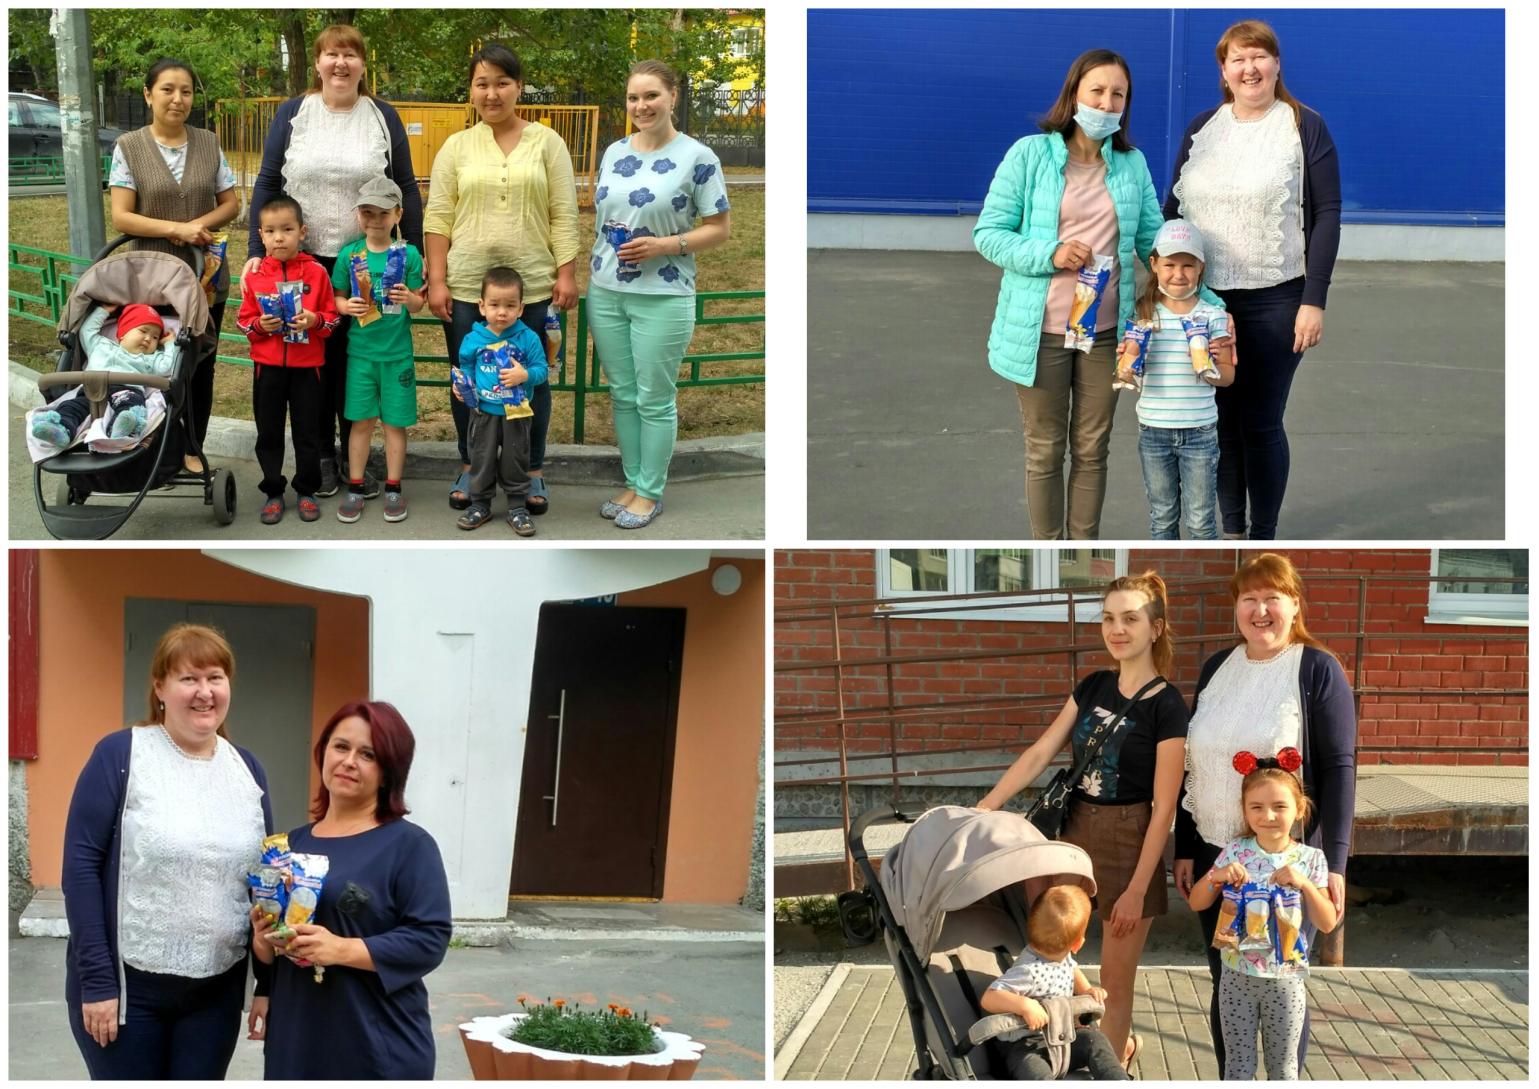 C:\Users\treff\Desktop\Грамоты и благодарности\Многодетная семья в истории Сибири\Коробка мороженого\MyCollages (2).png